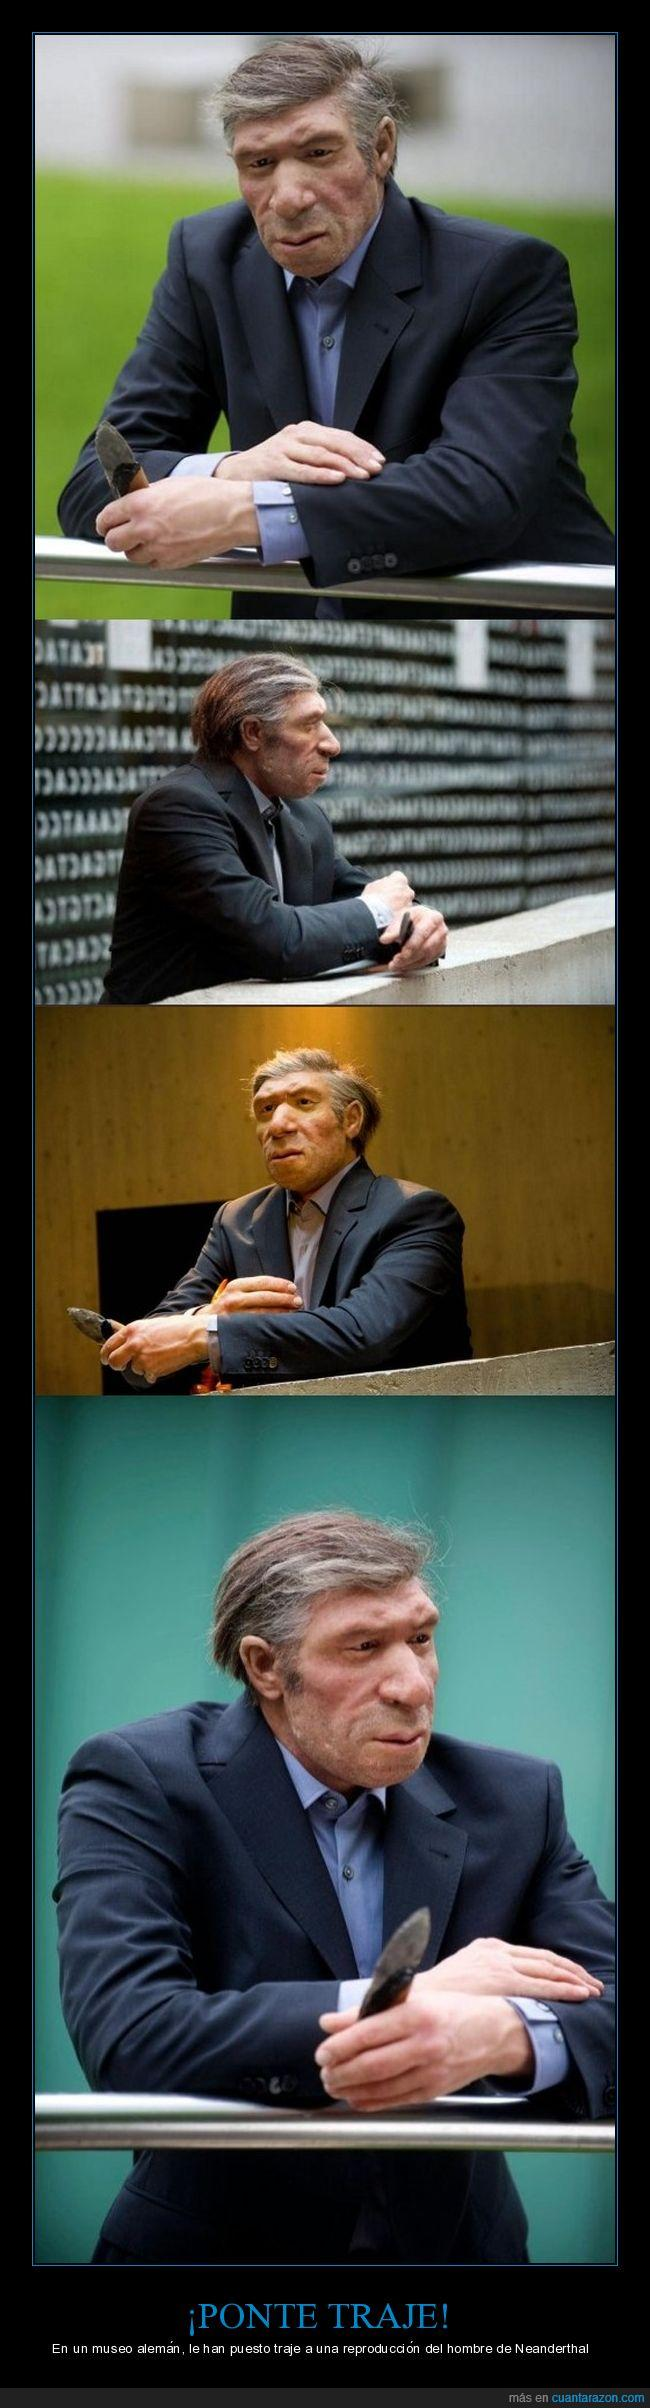 alemania,hombre de neandertal,museo,traje